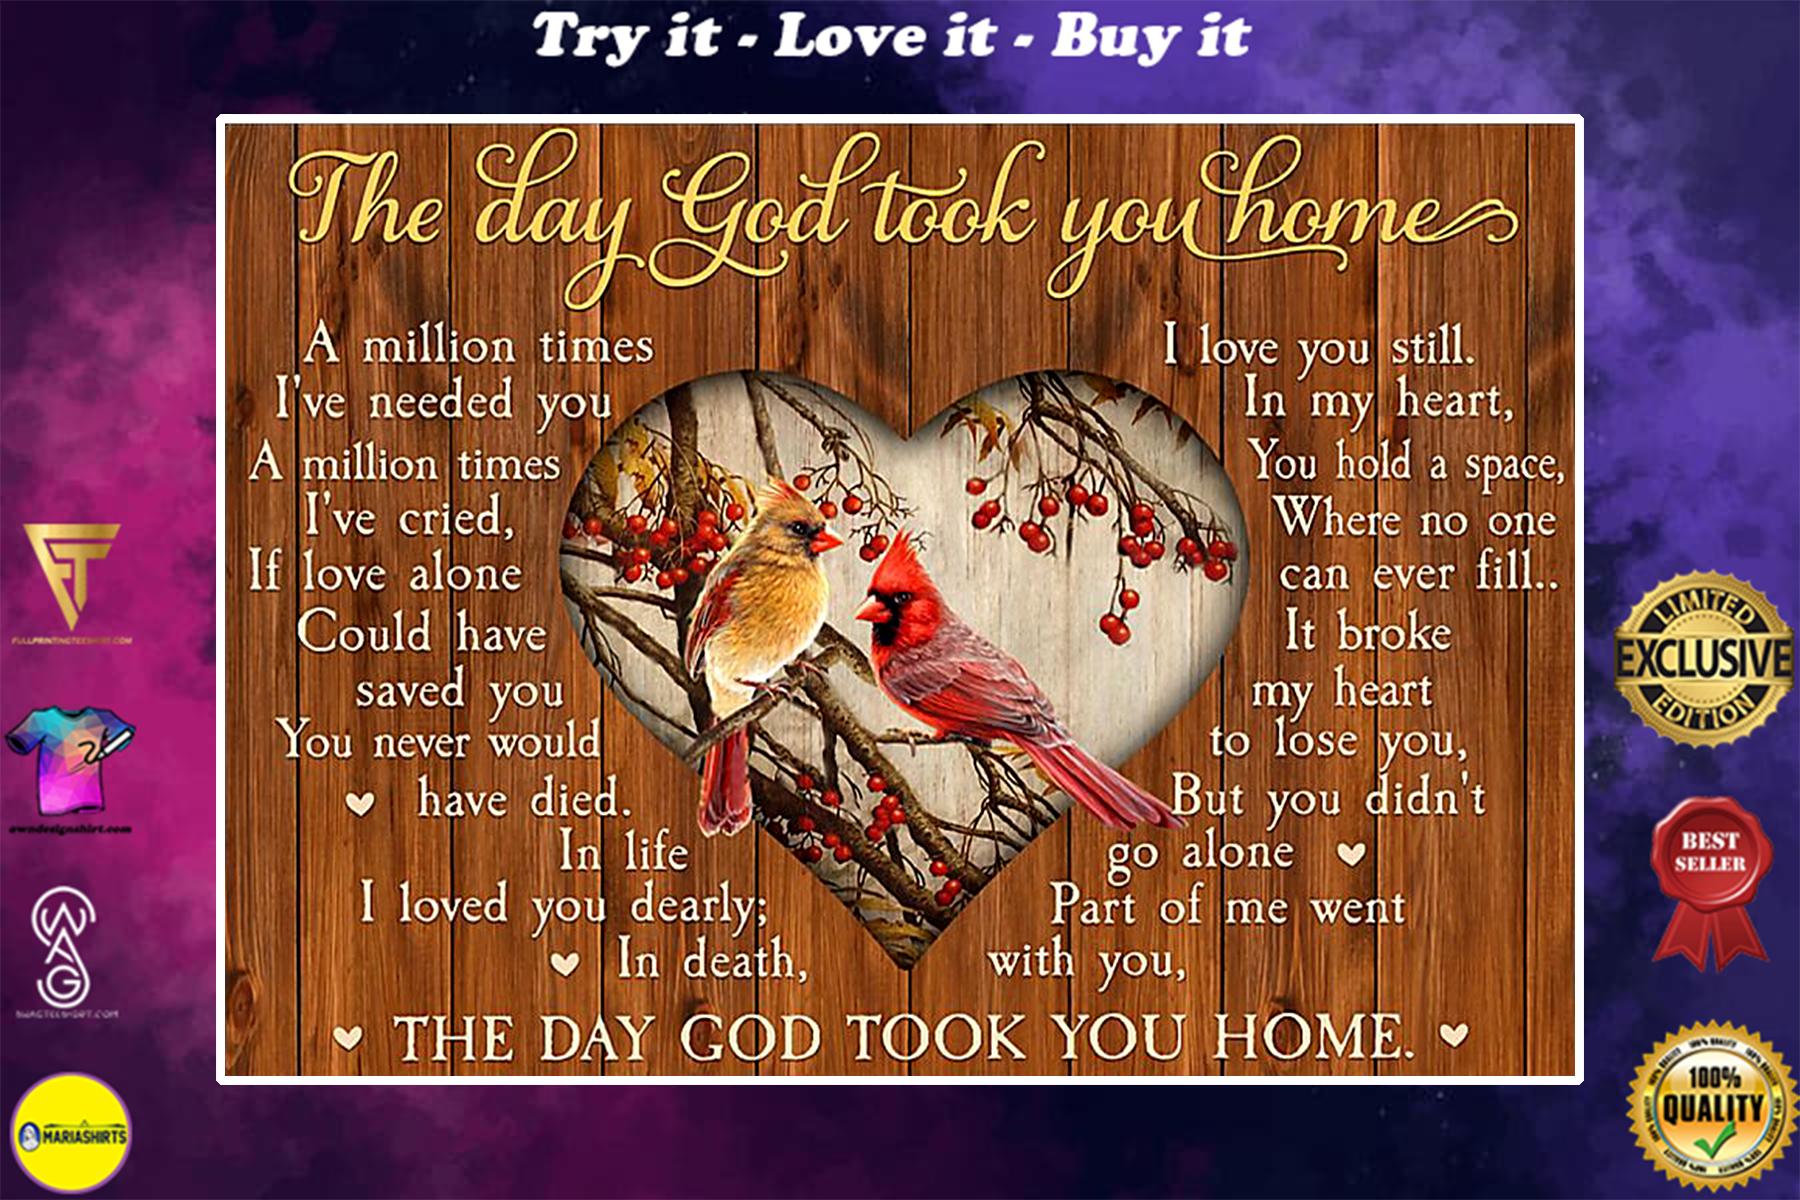 the day God took you home cardinalis cardinalis poster